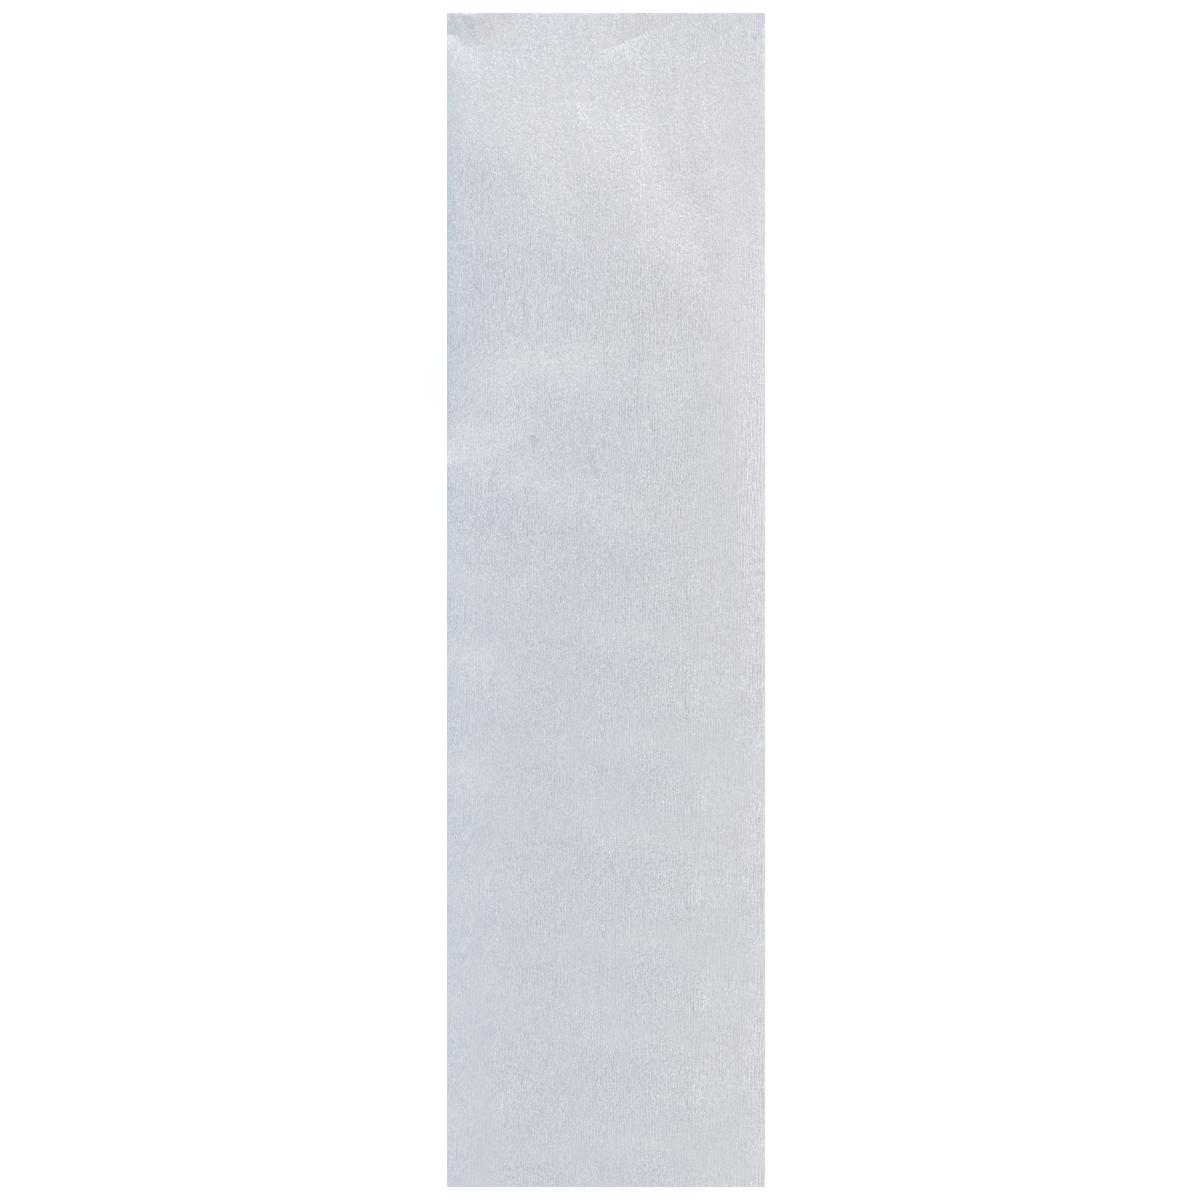 Бумага крепированная Проф-Пресс, металлизированная, цвет: серебристый, 50 х 250 смБ-2303Крепированная металлизированная бумага Проф-Пресс - отличный вариант для воплощения творческих идей не только детей, но и взрослых. Она отлично подойдет для упаковки хрупких изделий, при оформлении букетов, создании сложных цветовых композиций, для декорирования и других оформительских работ. Бумага обладает повышенной прочностью и жесткостью, хорошо растягивается, имеет жатую поверхность.Кроме того, металлизированная бумага Проф-Пресс поможет увлечь ребенка, развивая интерес к художественному творчеству, эстетический вкус и восприятие, увеличивая желание делать подарки своими руками, воспитывая самостоятельность и аккуратность в работе. Такая бумага поможет вашему ребенку раскрыть свои таланты.